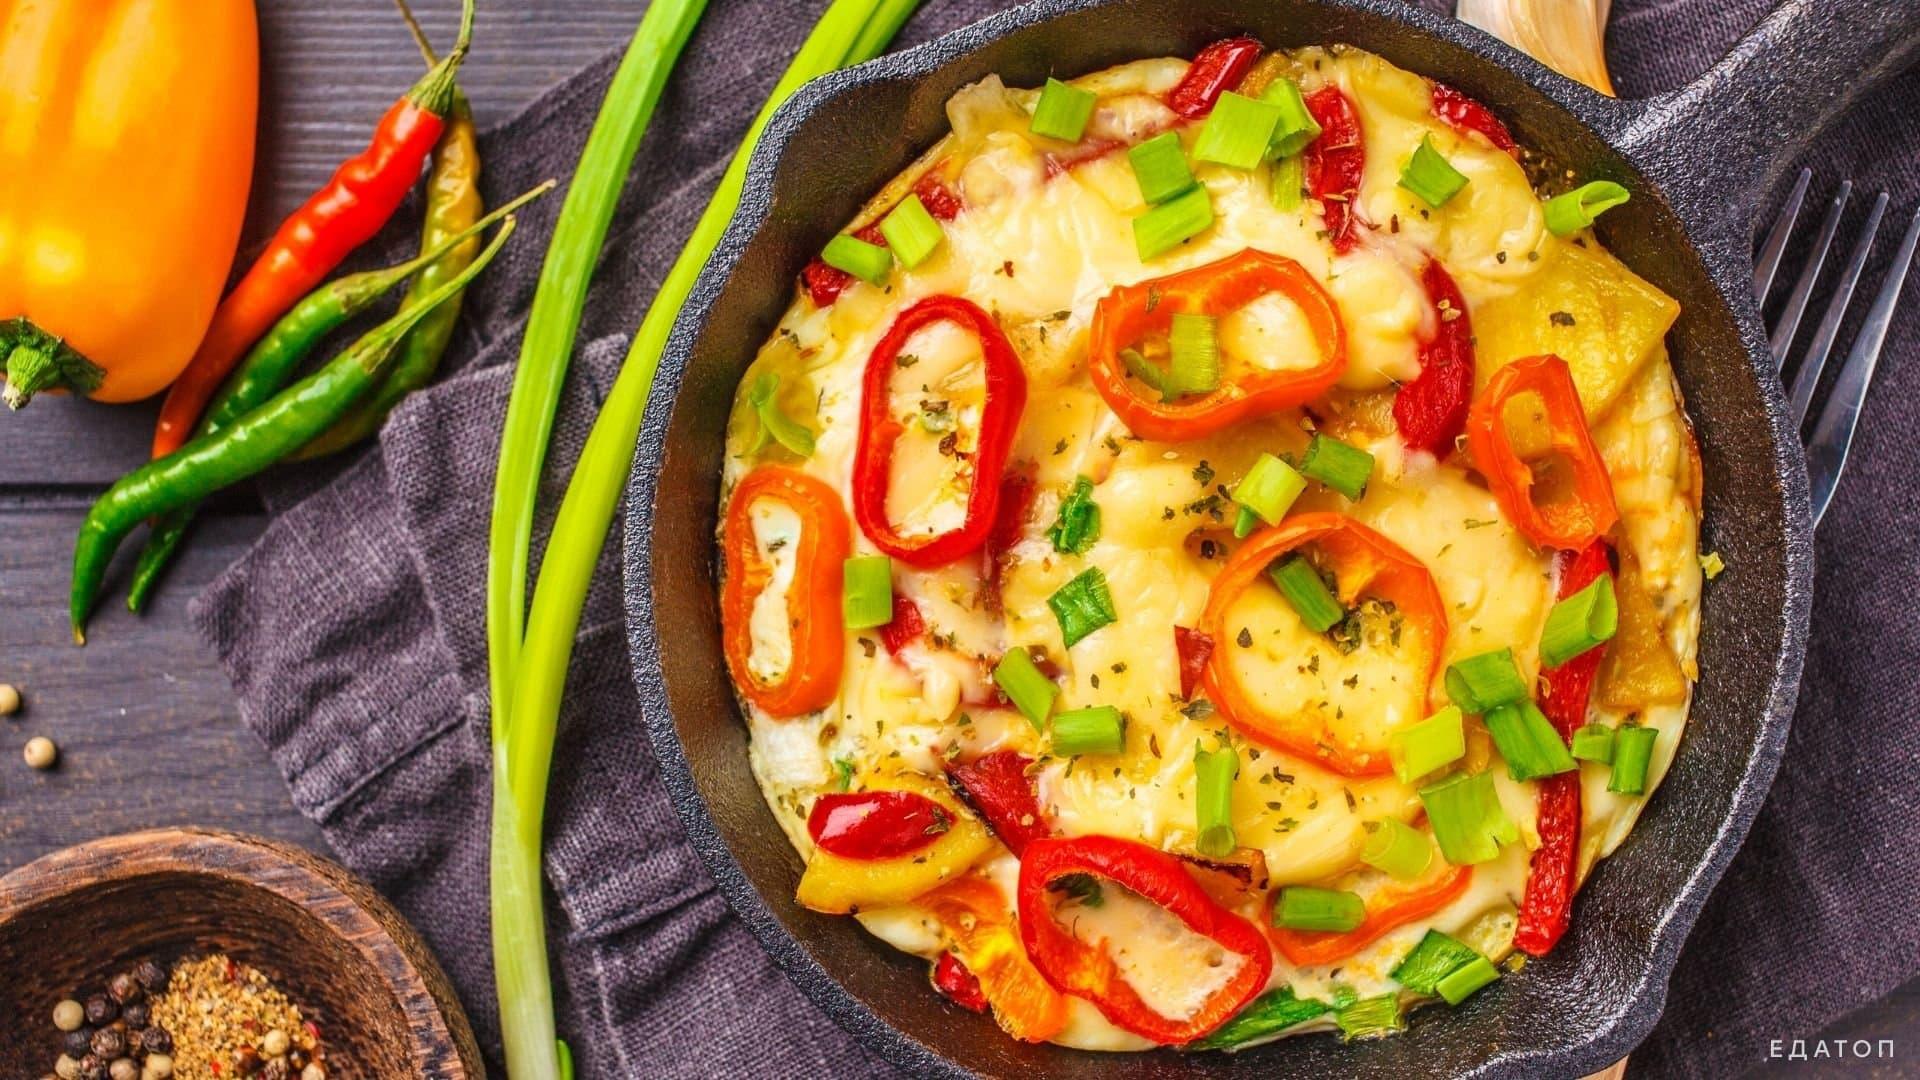 Фриттата - это омлет по-итальянски, который готовят с мясом, овощами и сыром.